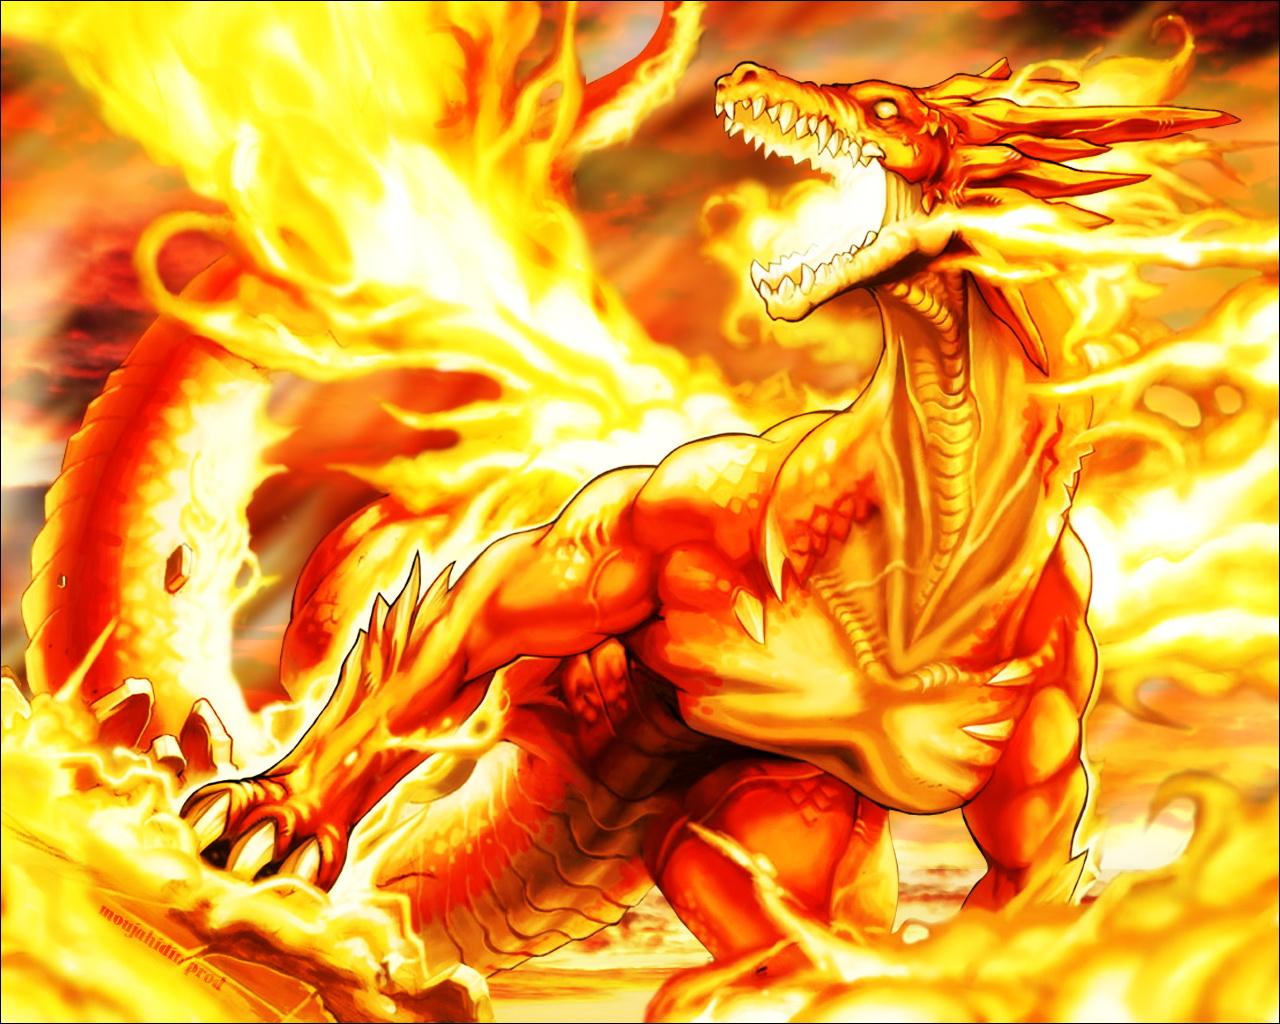 Fonds d'écran Fantasy et Science Fiction Créatures : Dragons Fire Dragon